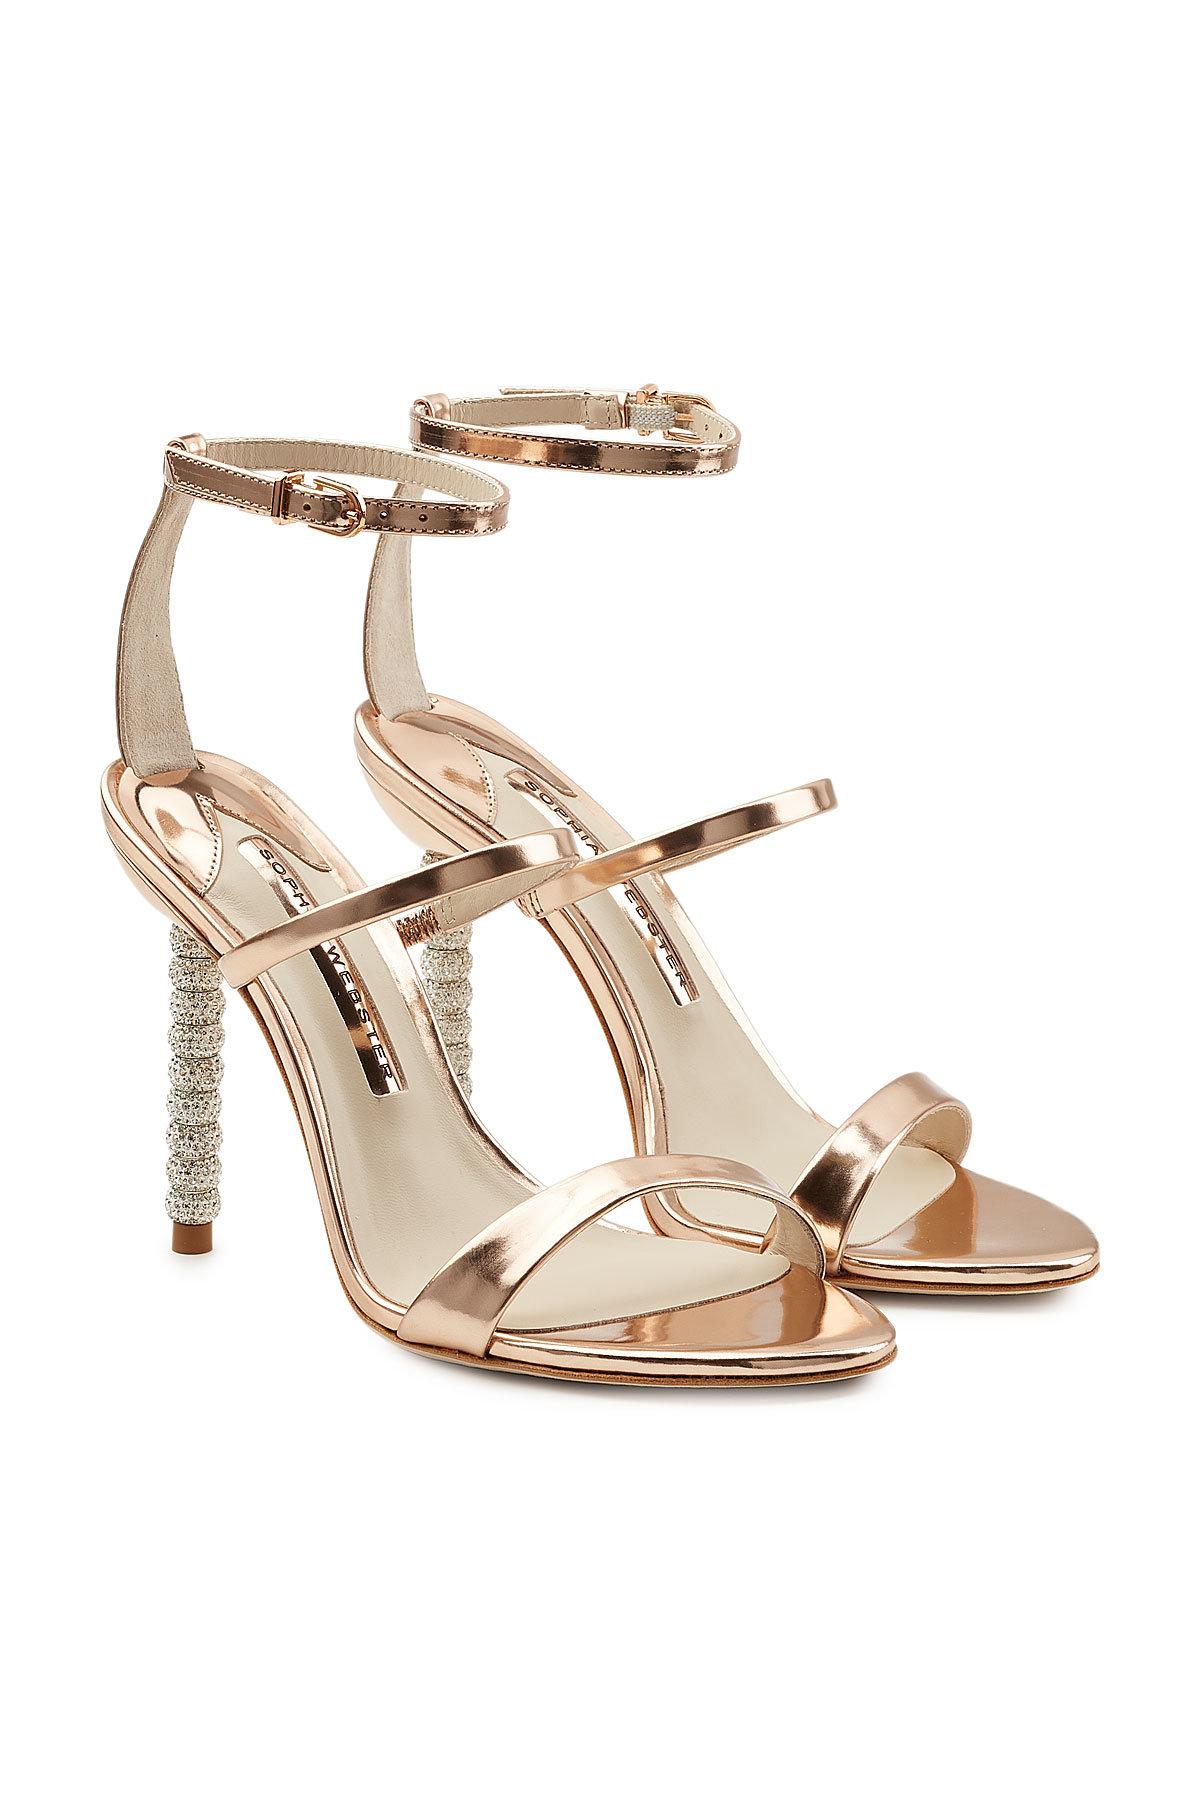 SOPHIA WEBSTER Rosalind Metallic Leather Sandals with Embellished Heels Gr. EU 39 lZsoJl